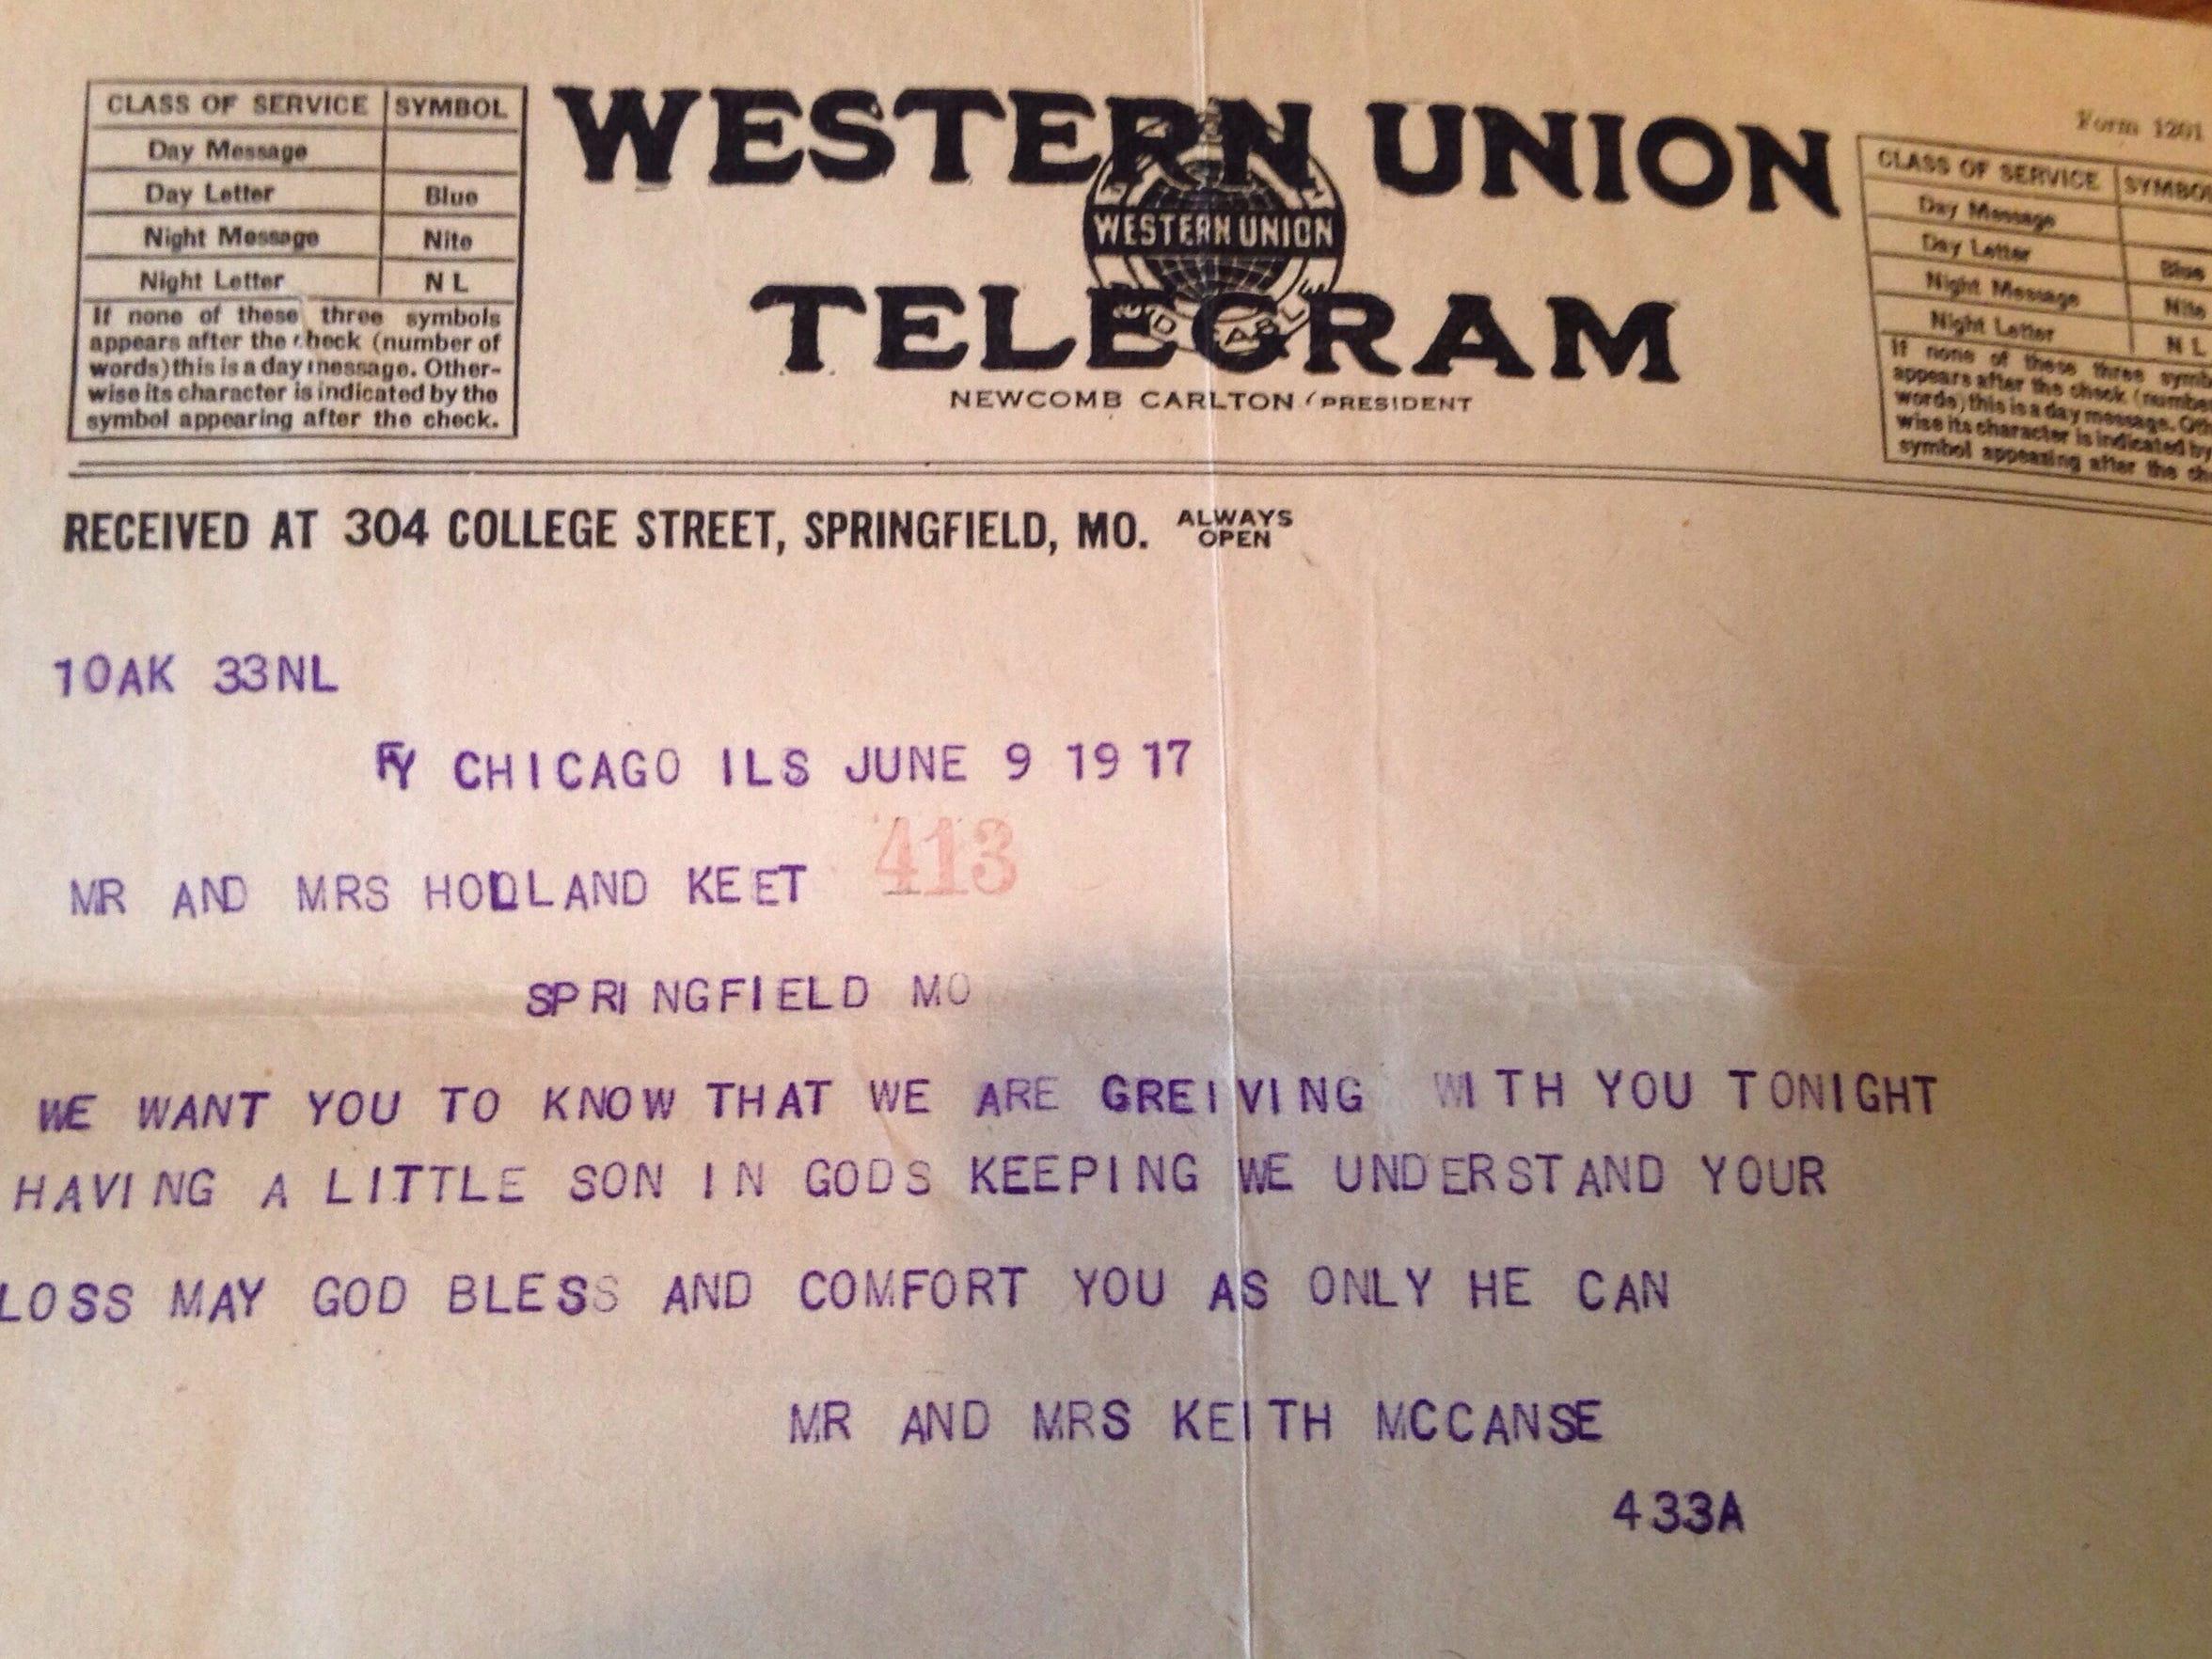 Jennefer Keet has a fistful of Western Union telegrams